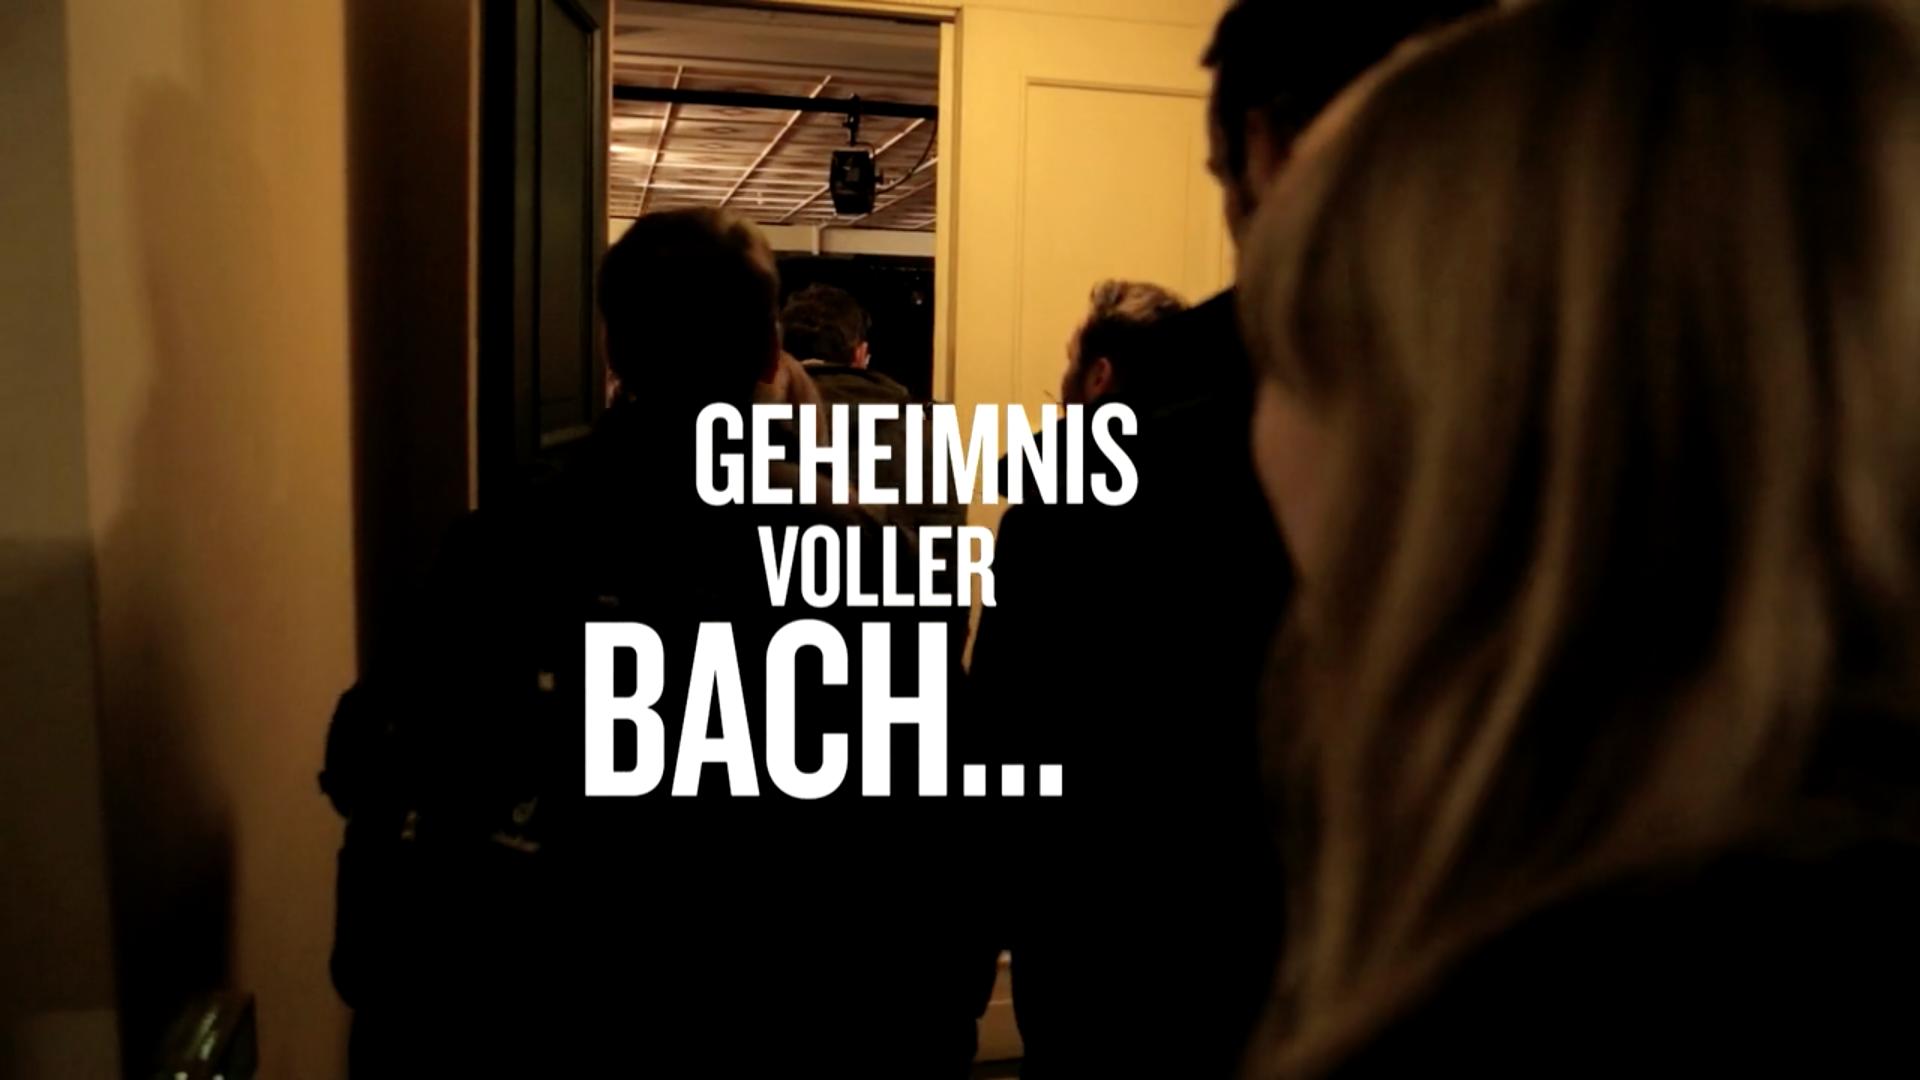 geheimnisvoller Bach